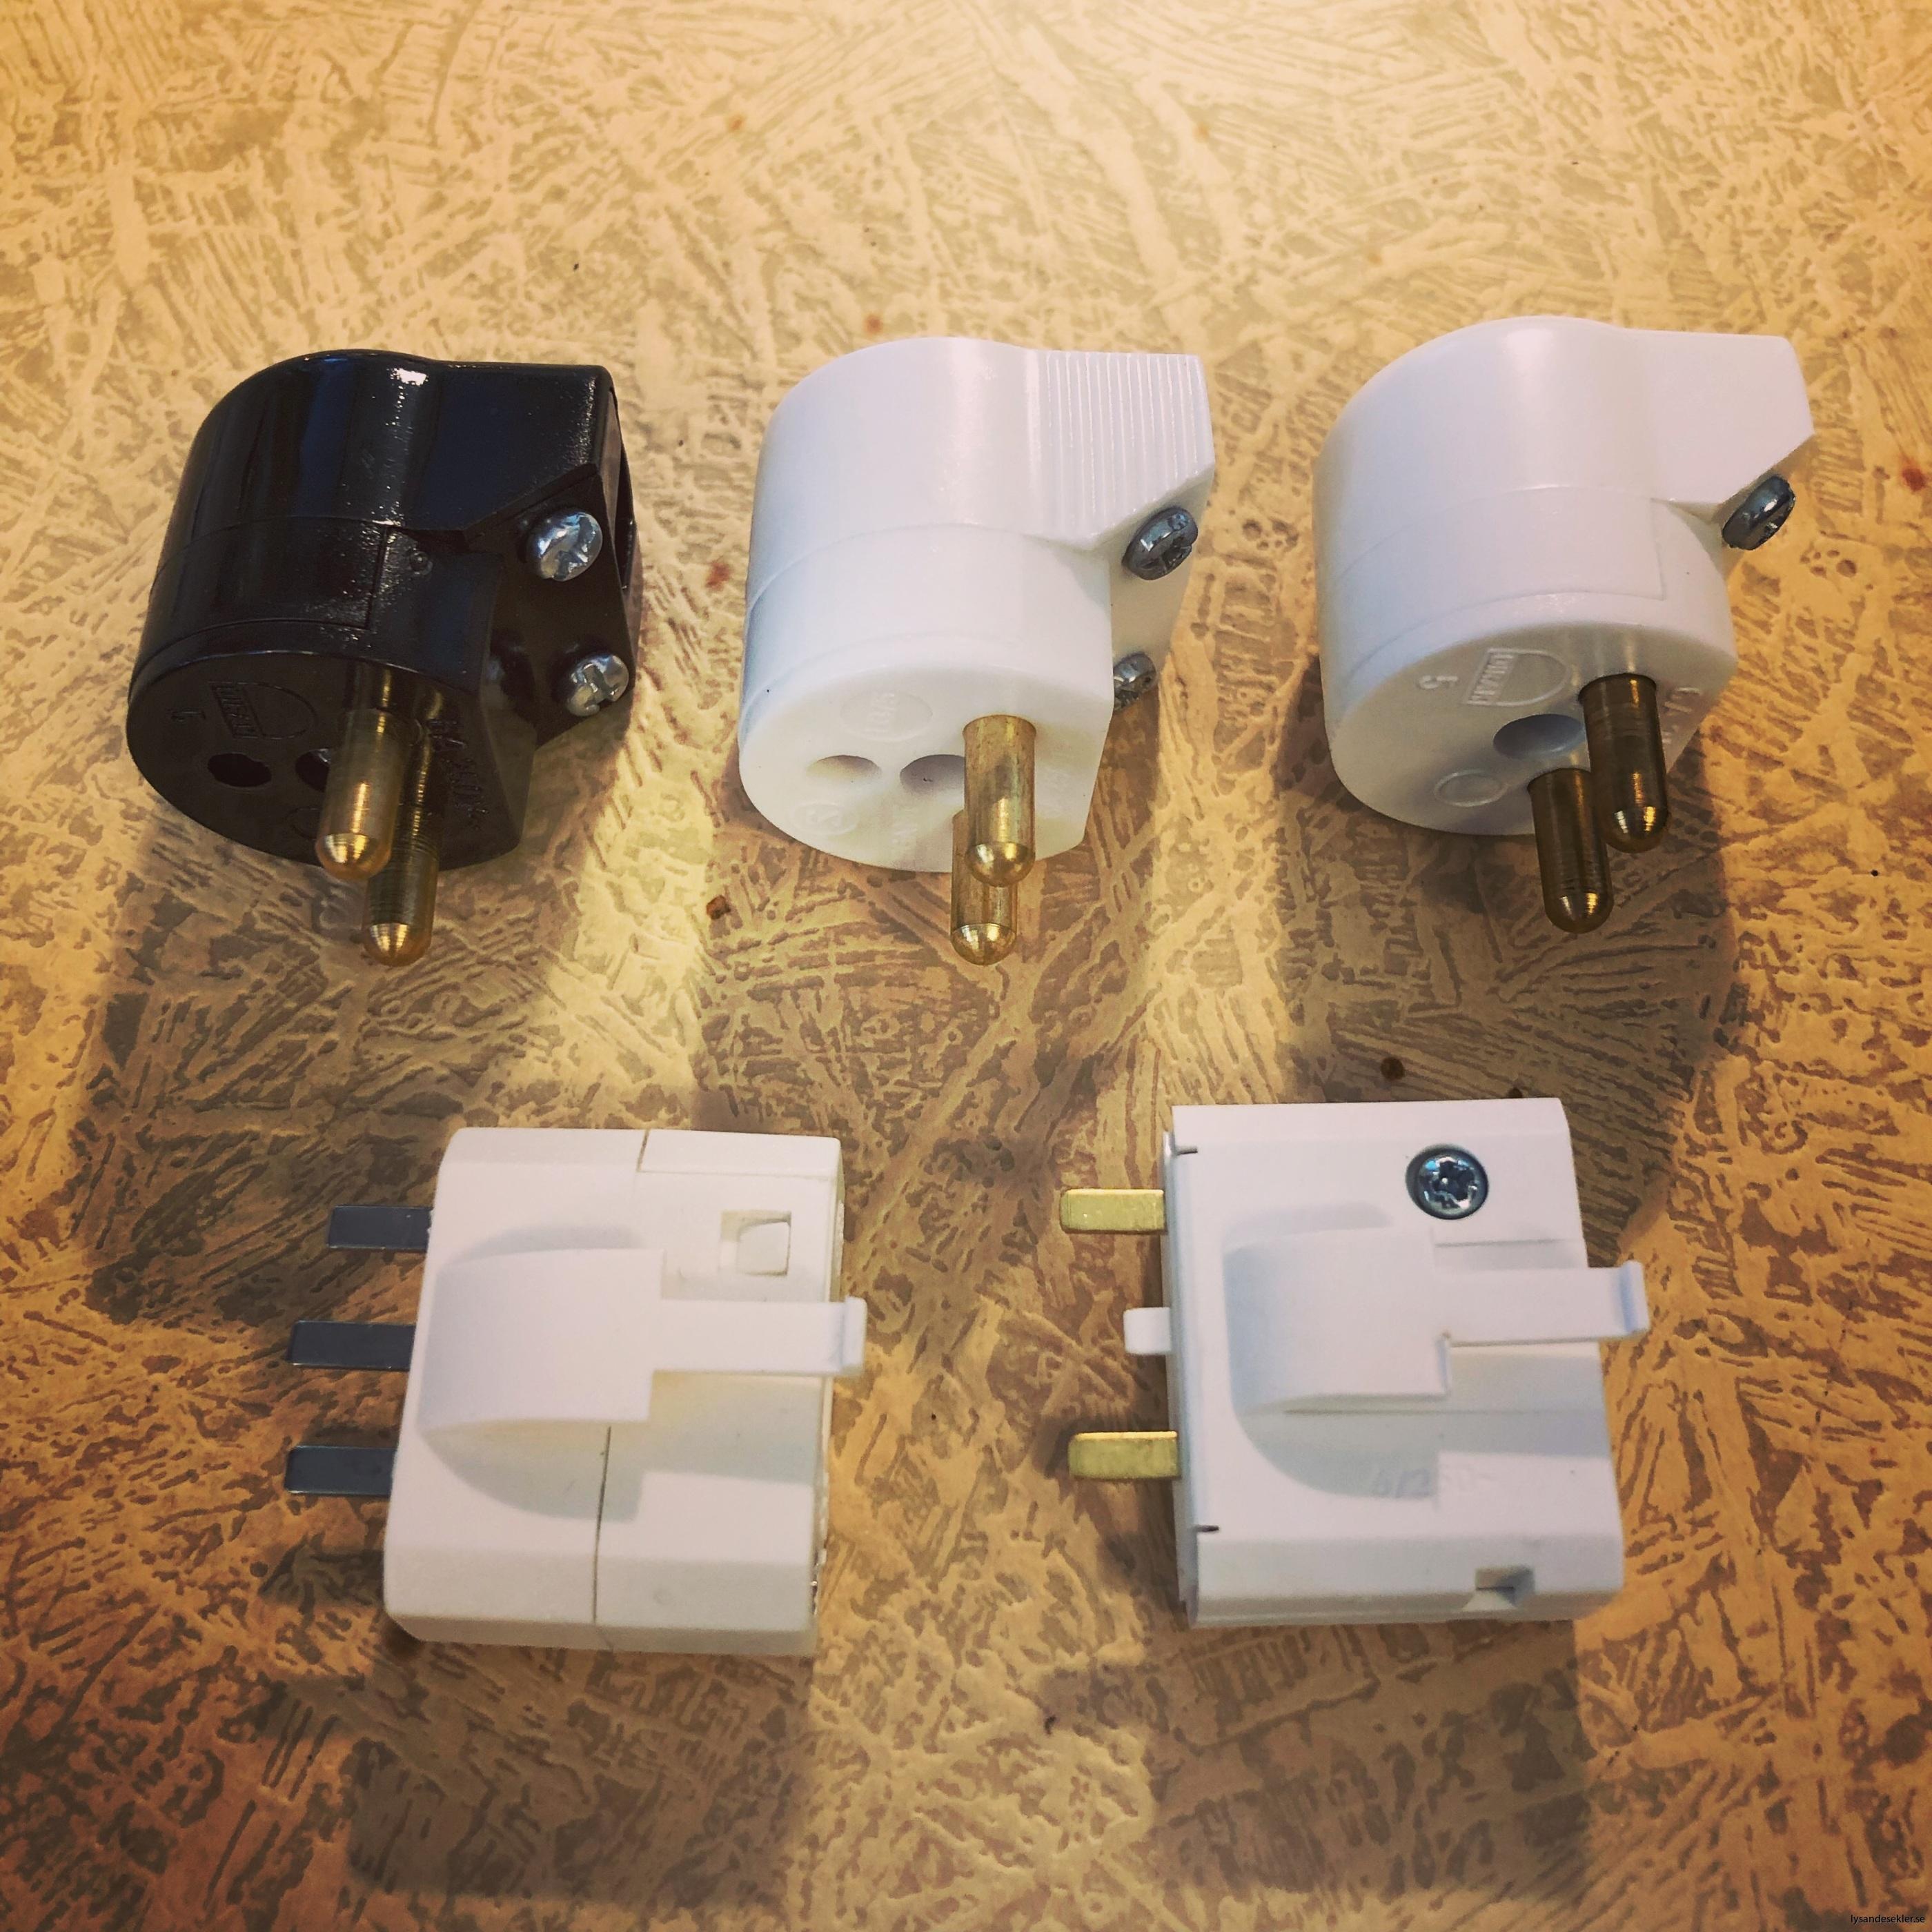 takkontakter olika sorter5